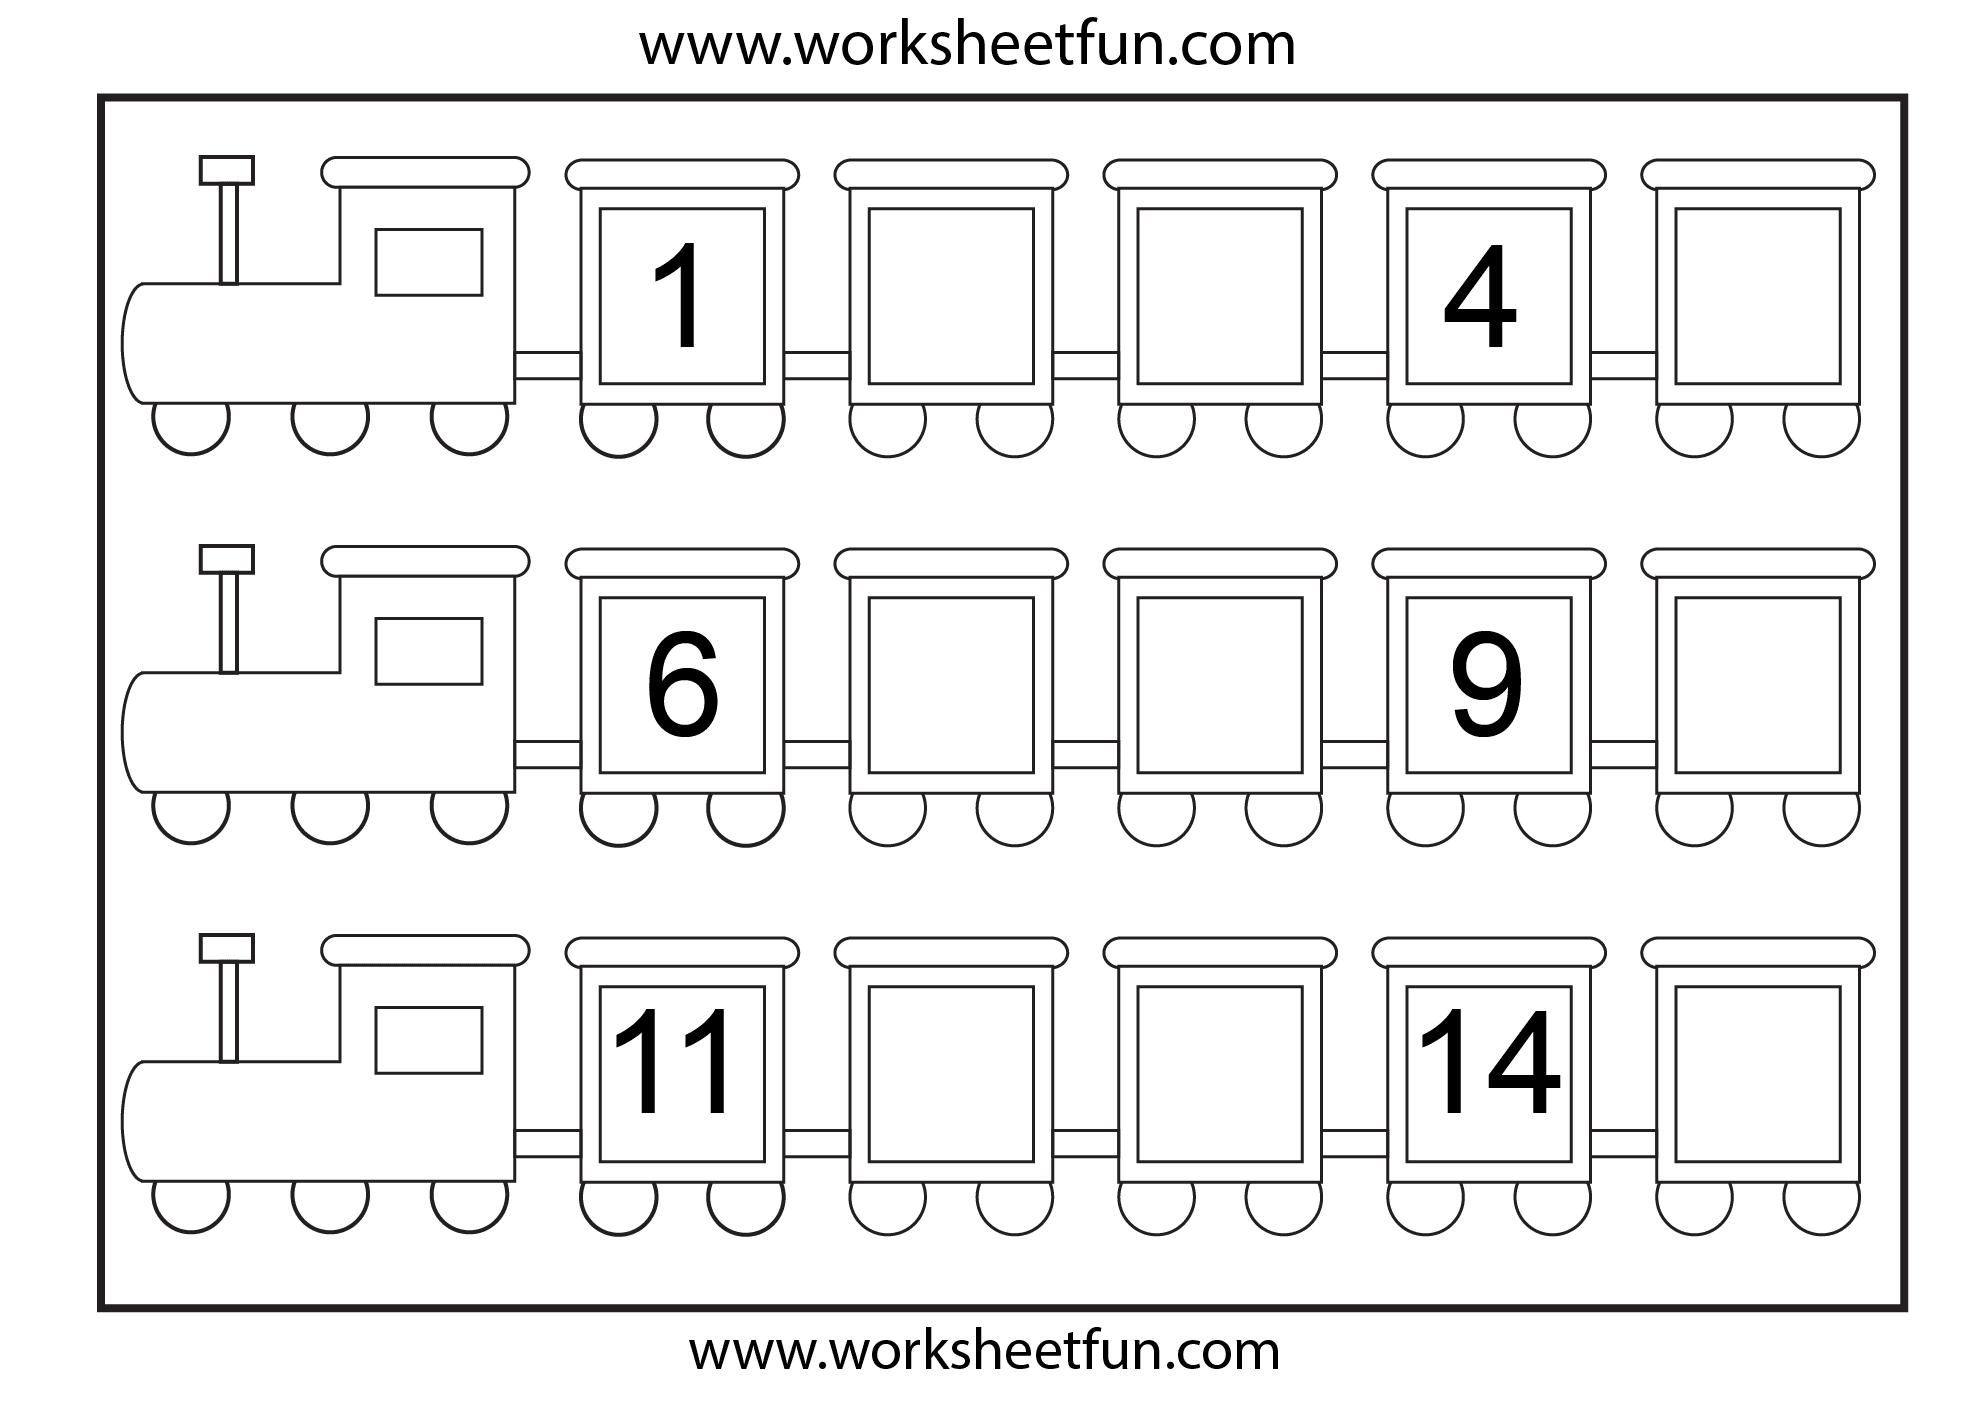 missing number worksheet: NEW 684 MISSING NUMBER ...